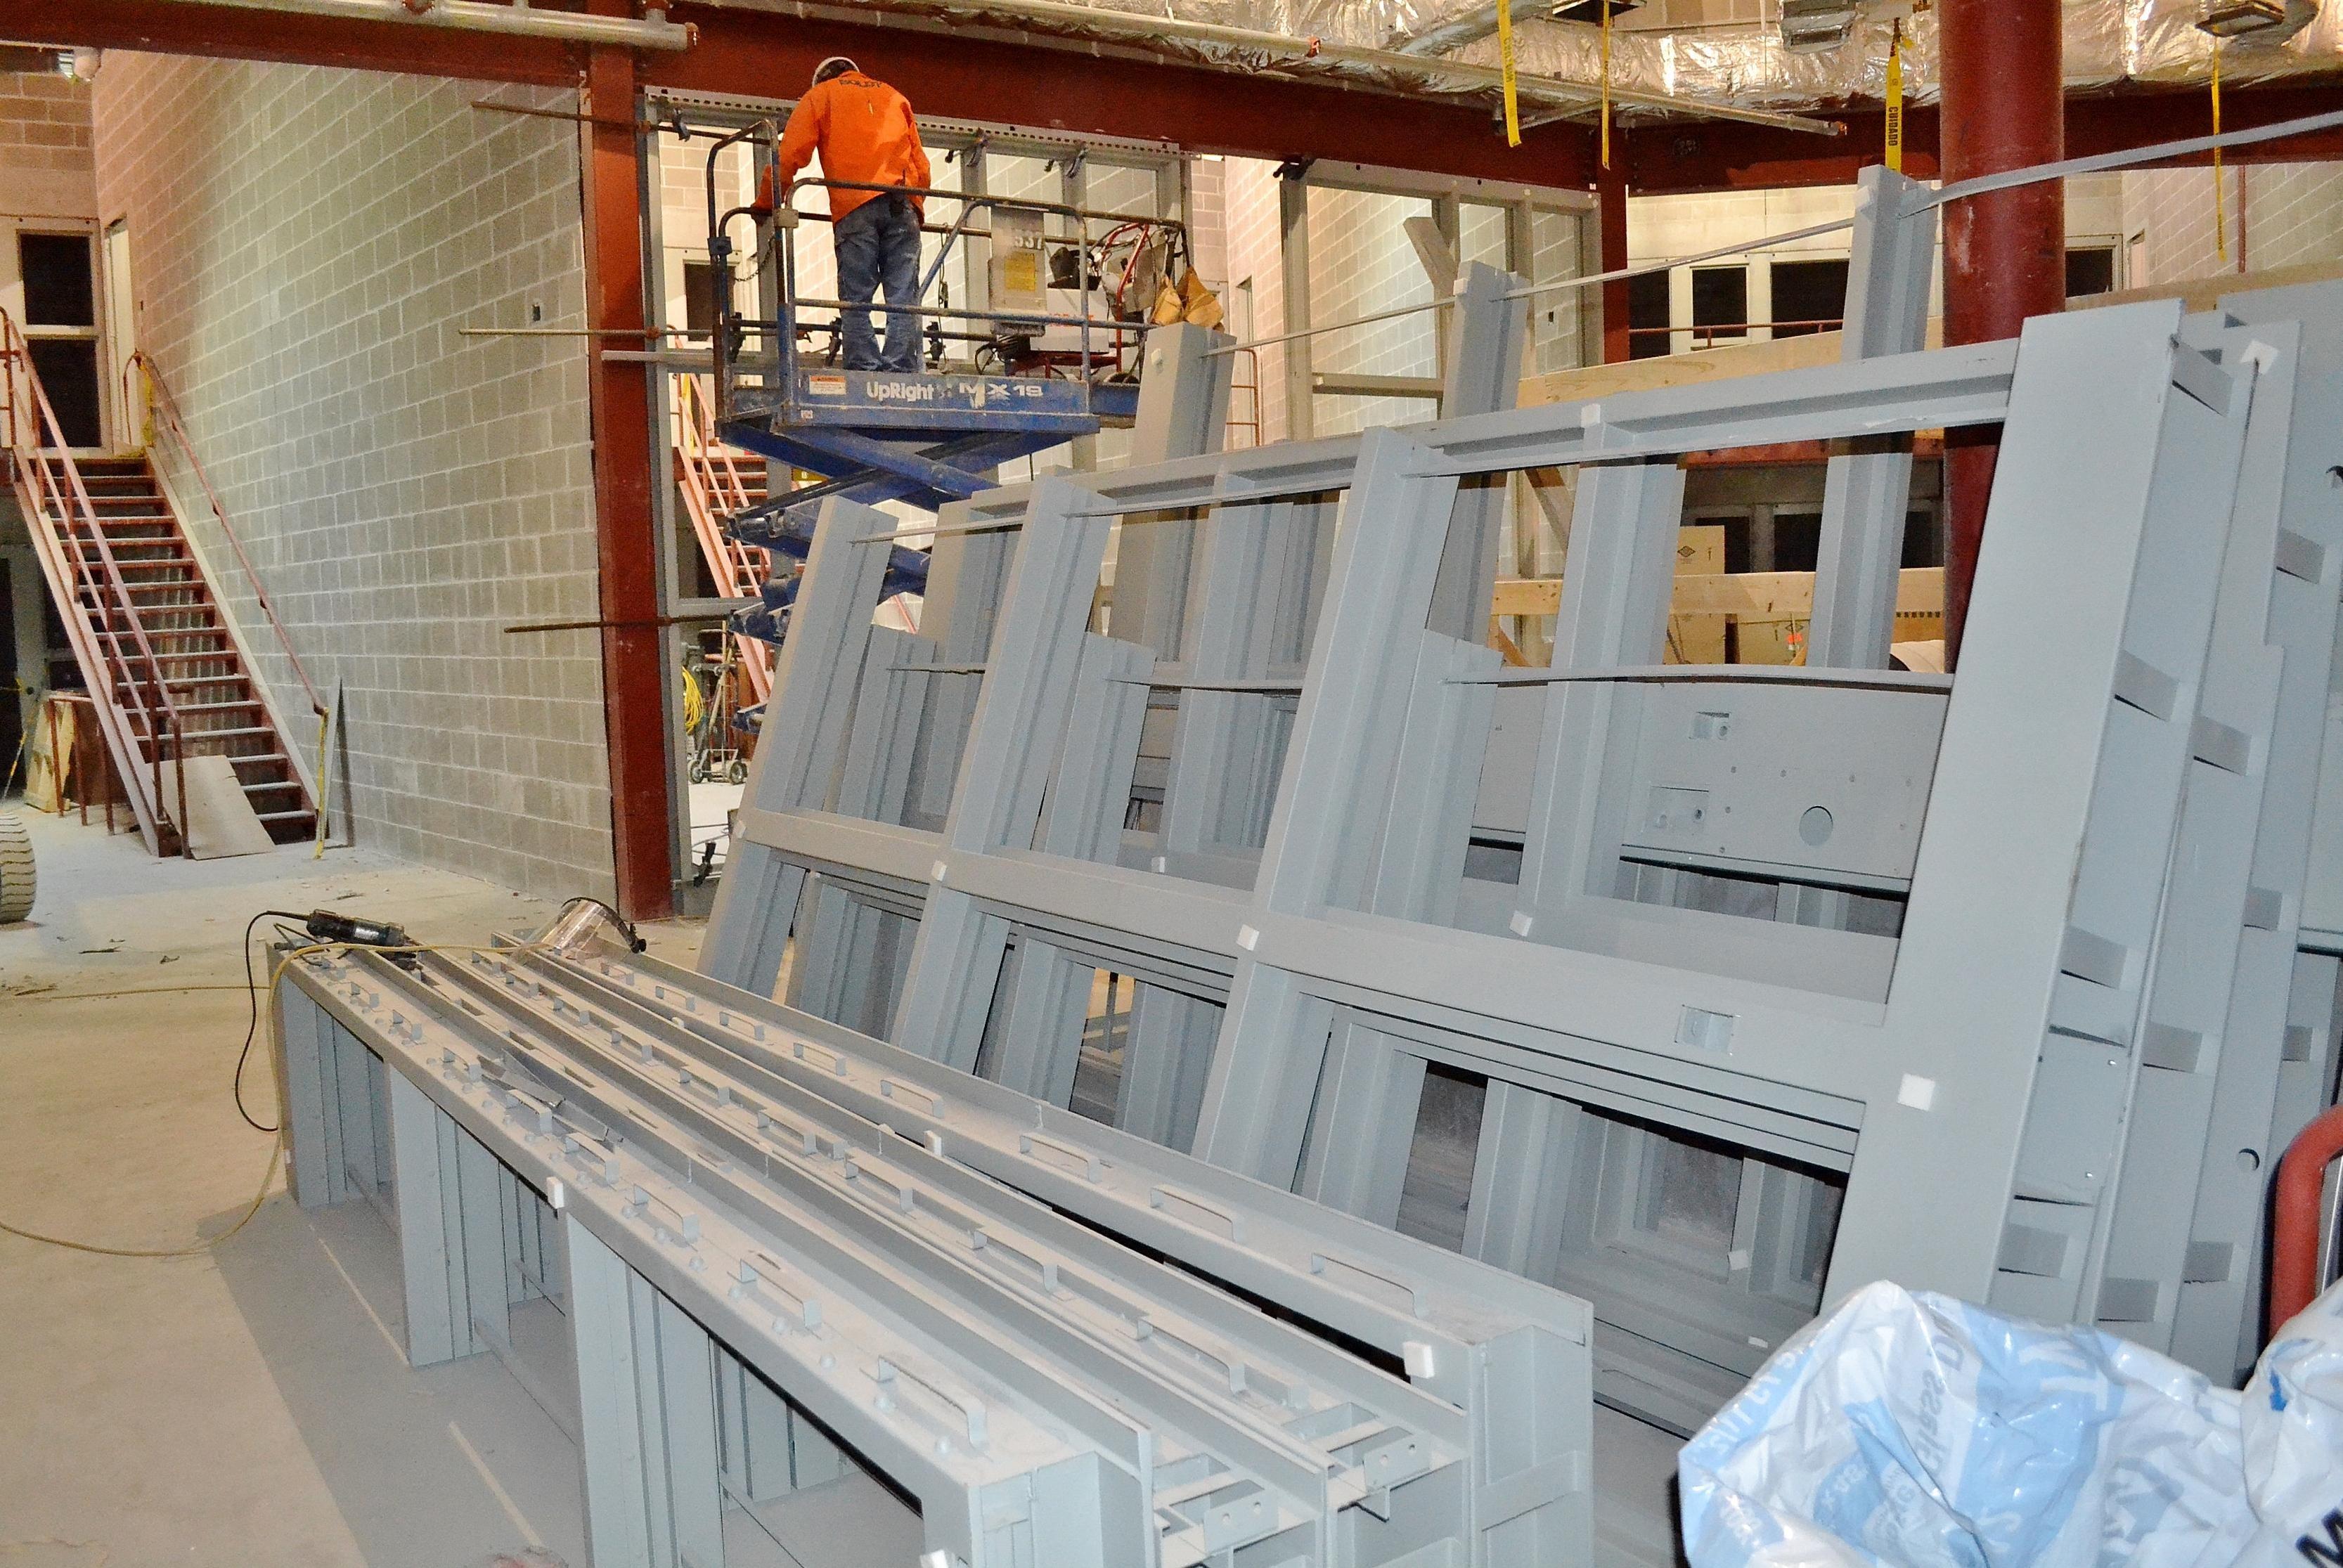 & Jail door frame maker sues county